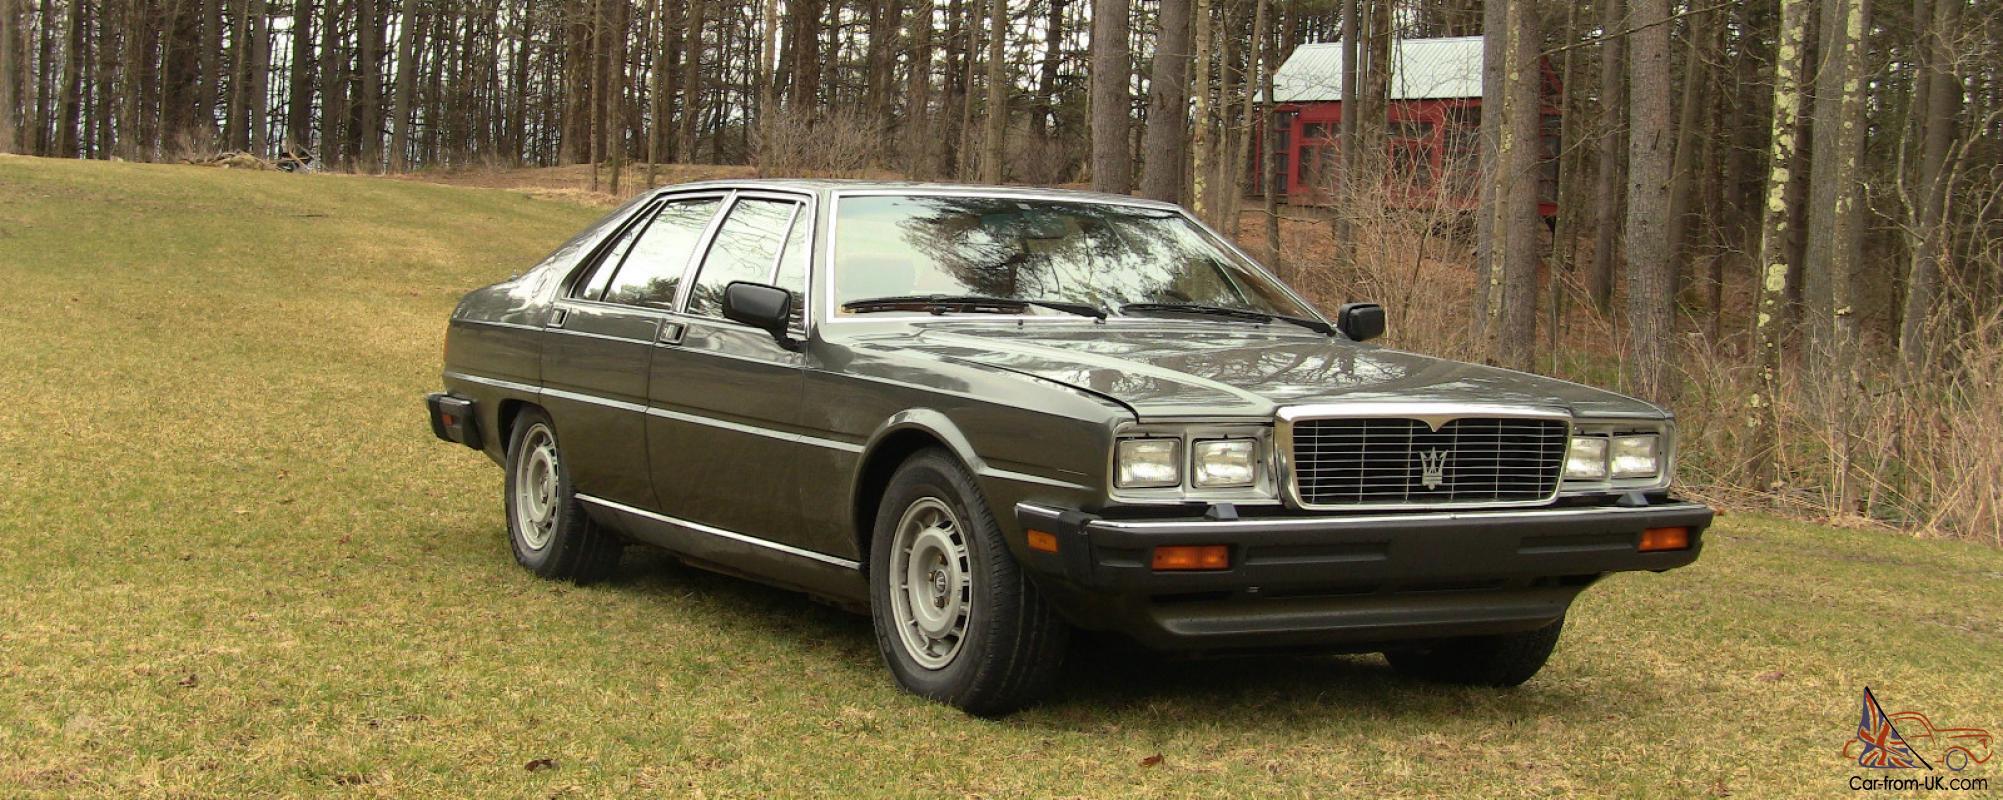 1985 Maserati Quattroporte  Upscale  Ultra  Excellent